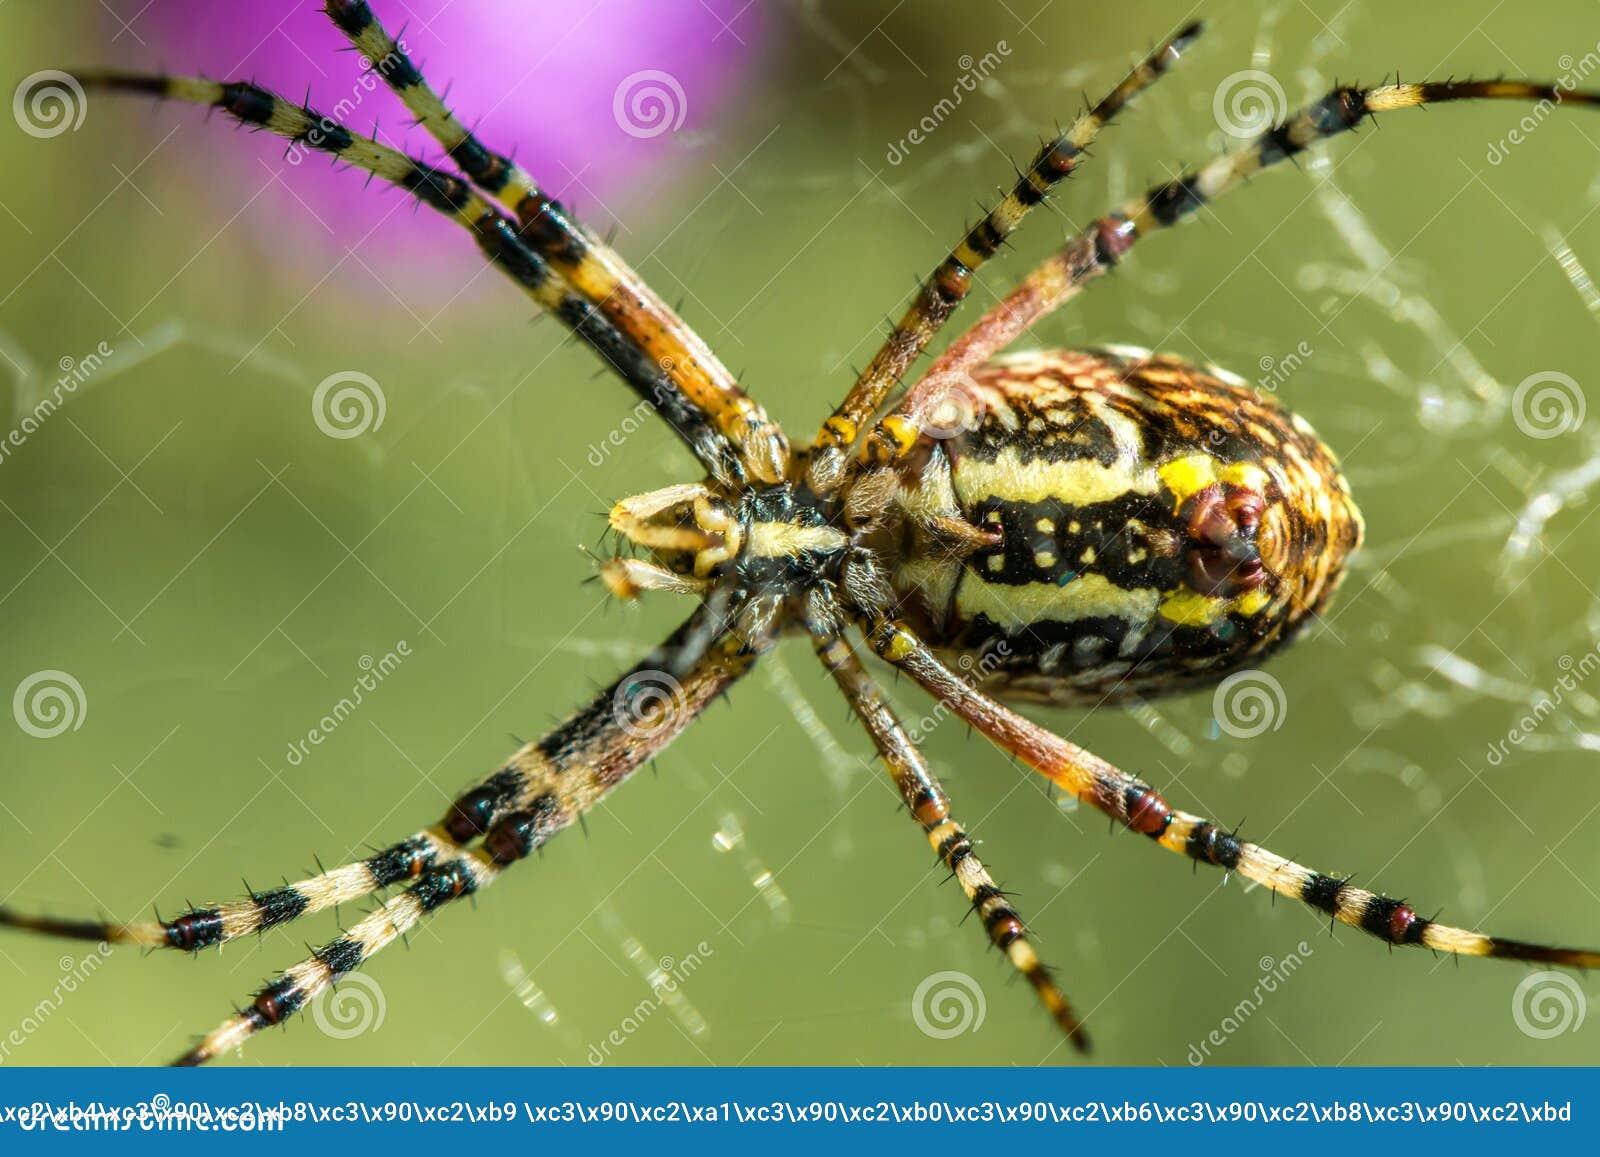 Spinne Argiope auf der Jagd